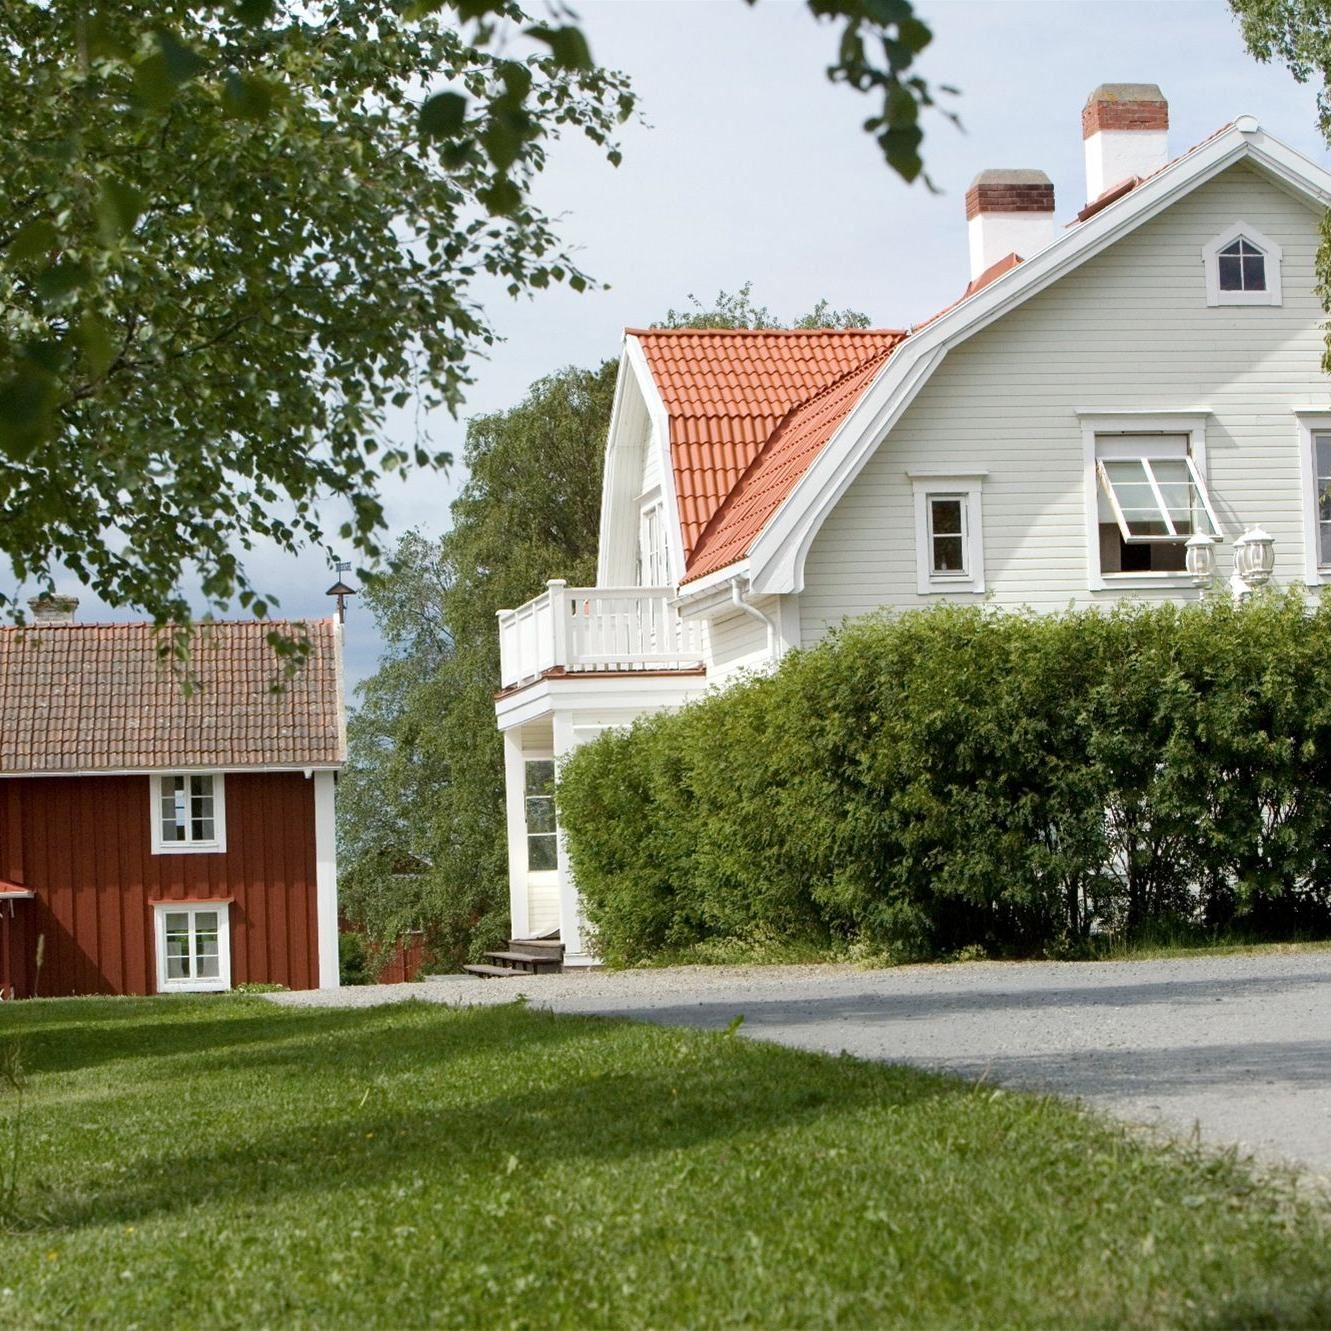 Foto: Brunkulla Gård,  © Copy: Brunkulla Gård, Brunkulla Gård - Ecological farm